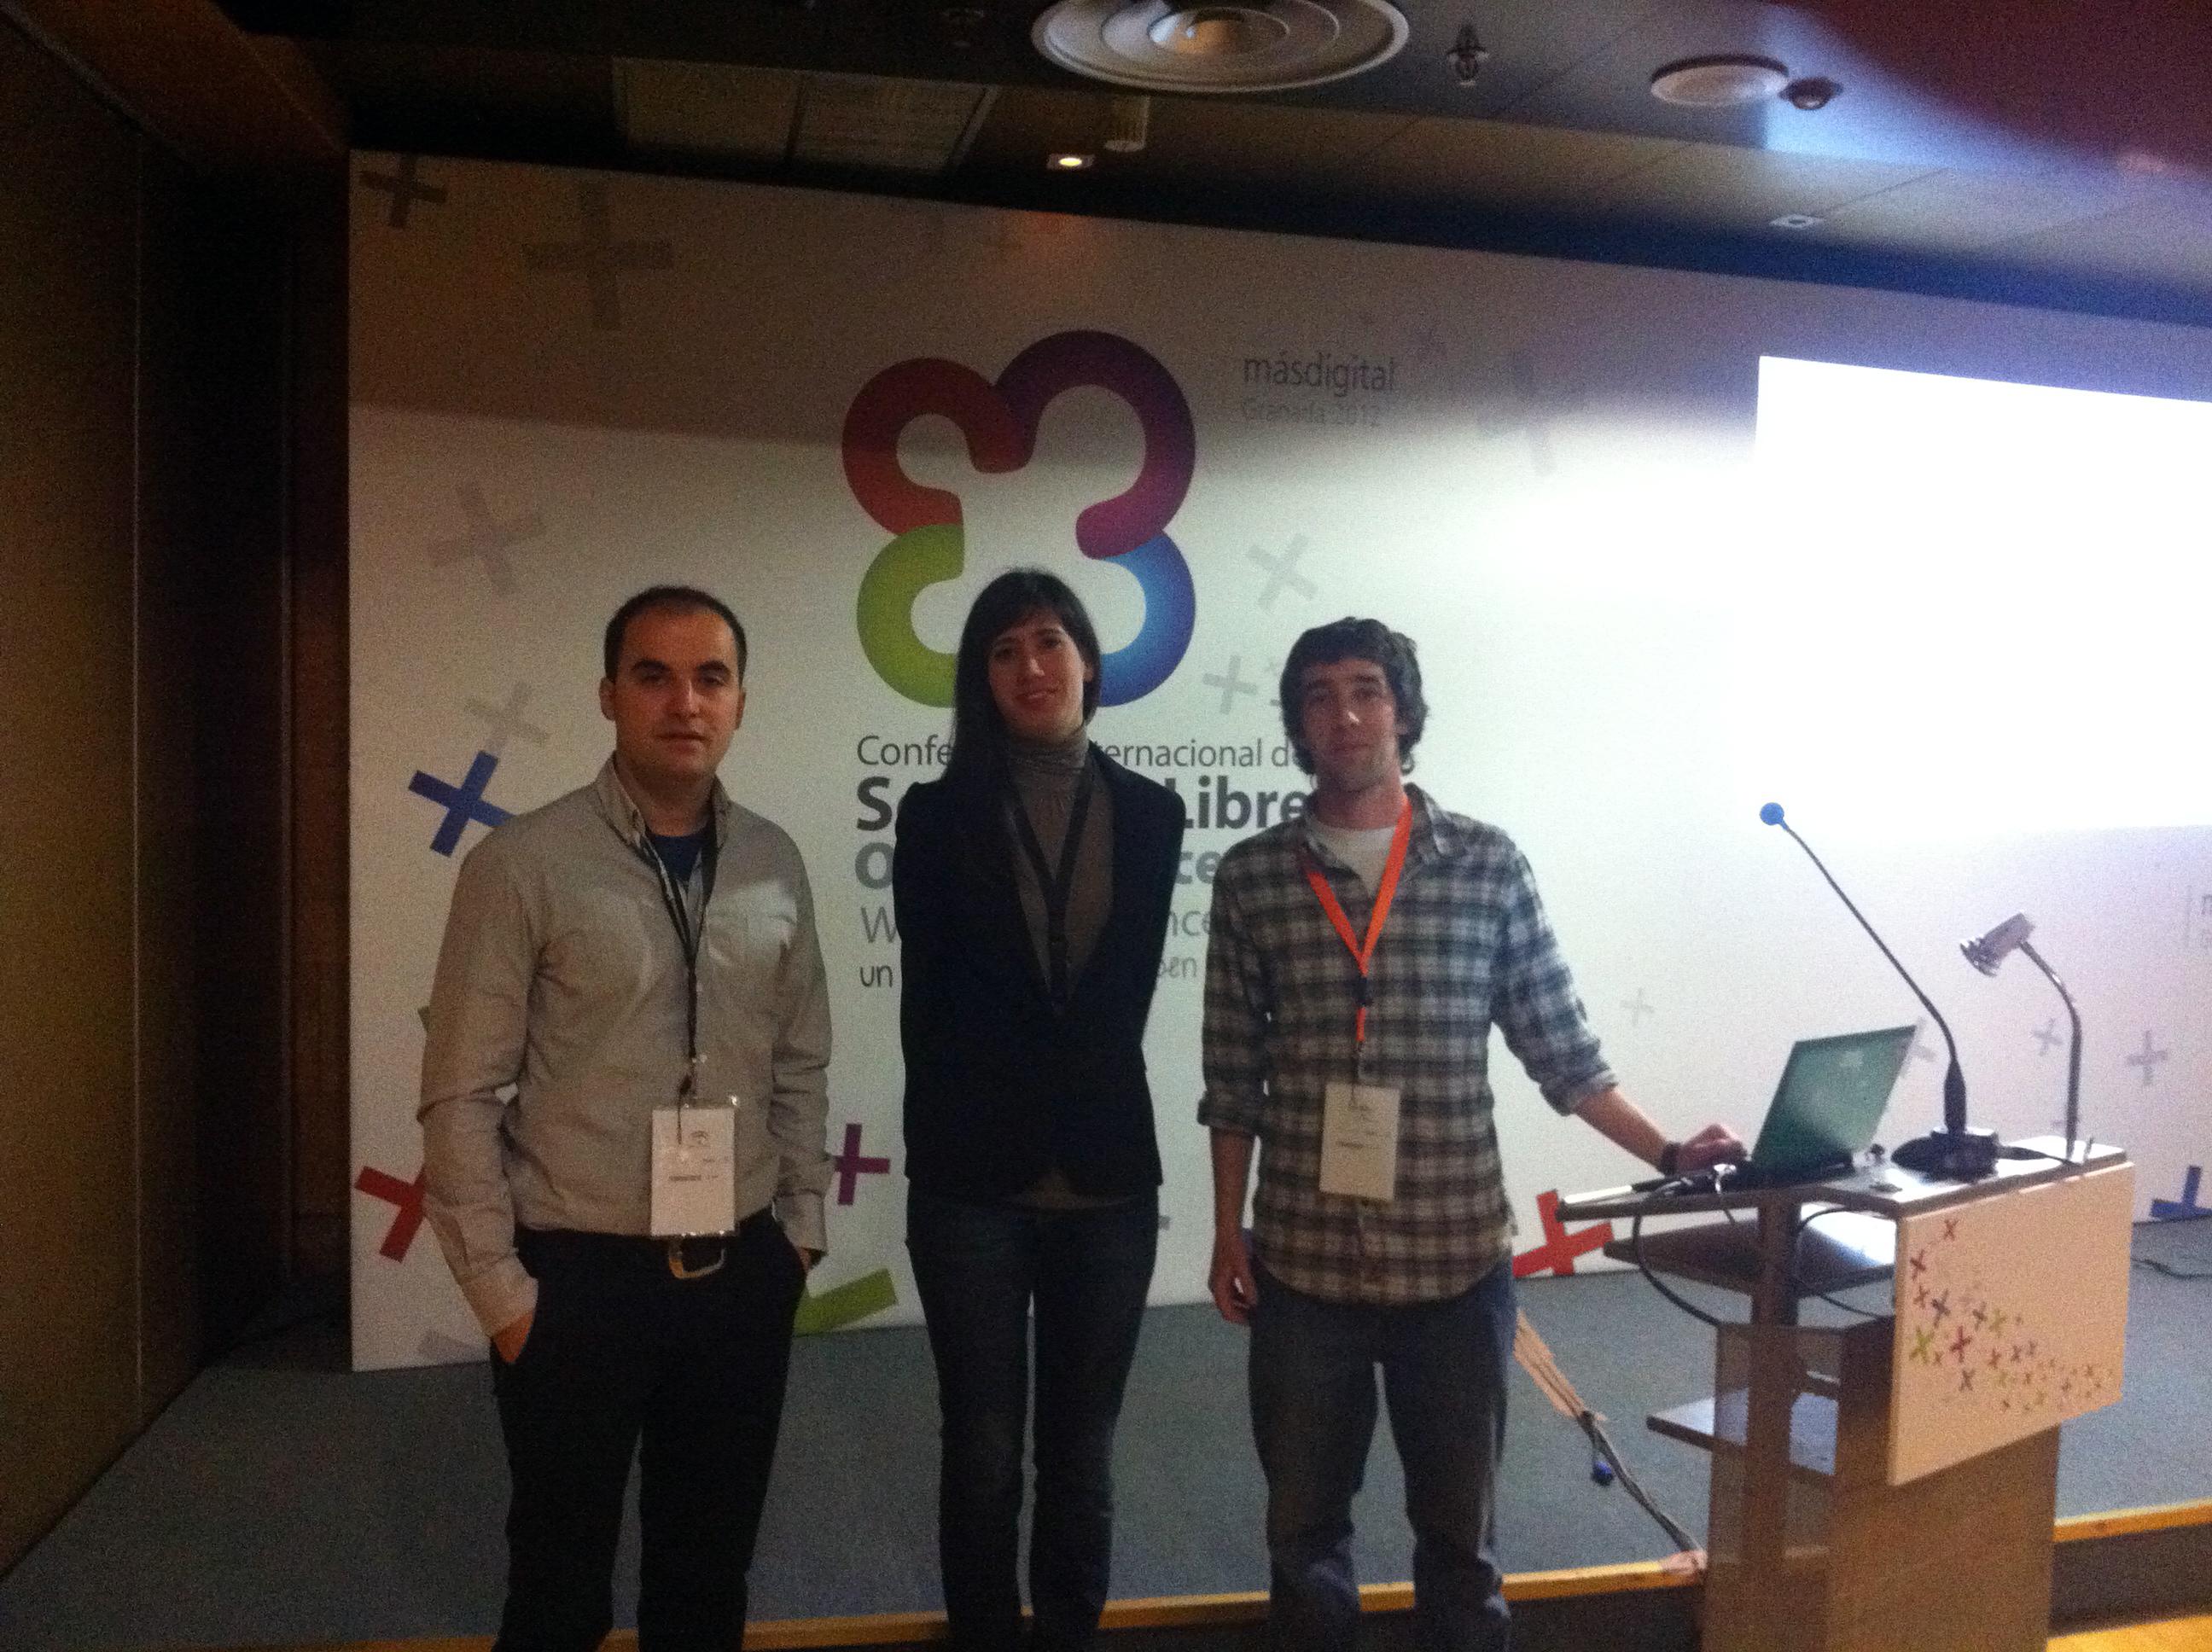 El Servicio de Innovación y Producción Digital participa en la Conferencia Internacional de Sofware Libre celebrada en Granada